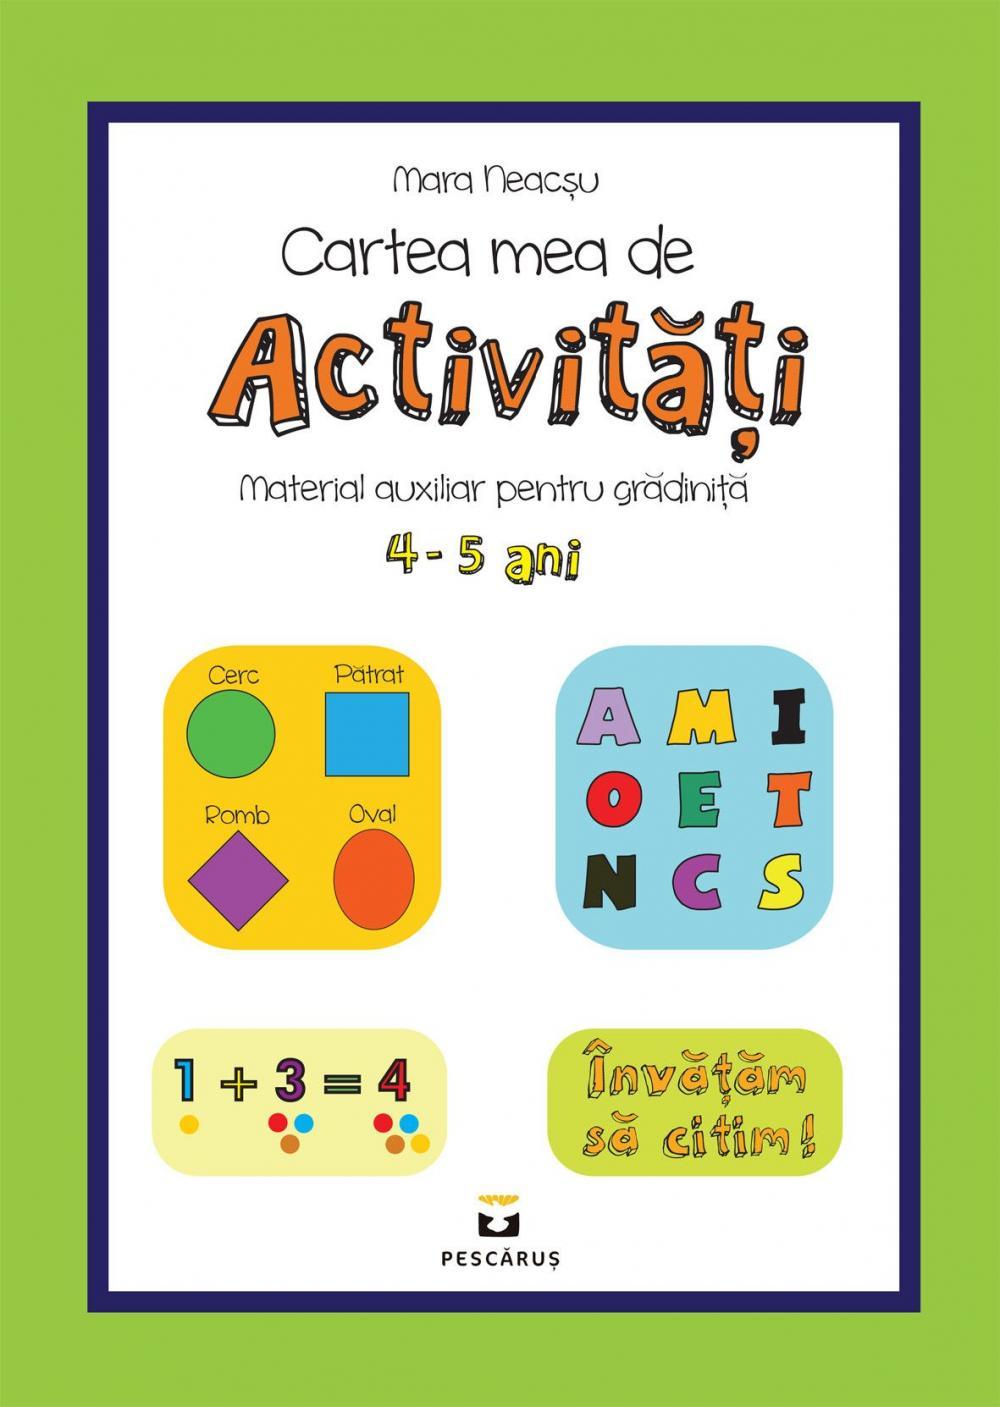 CARTEA MEA DE ACTIVITATI PENTRU 4-5 ANI